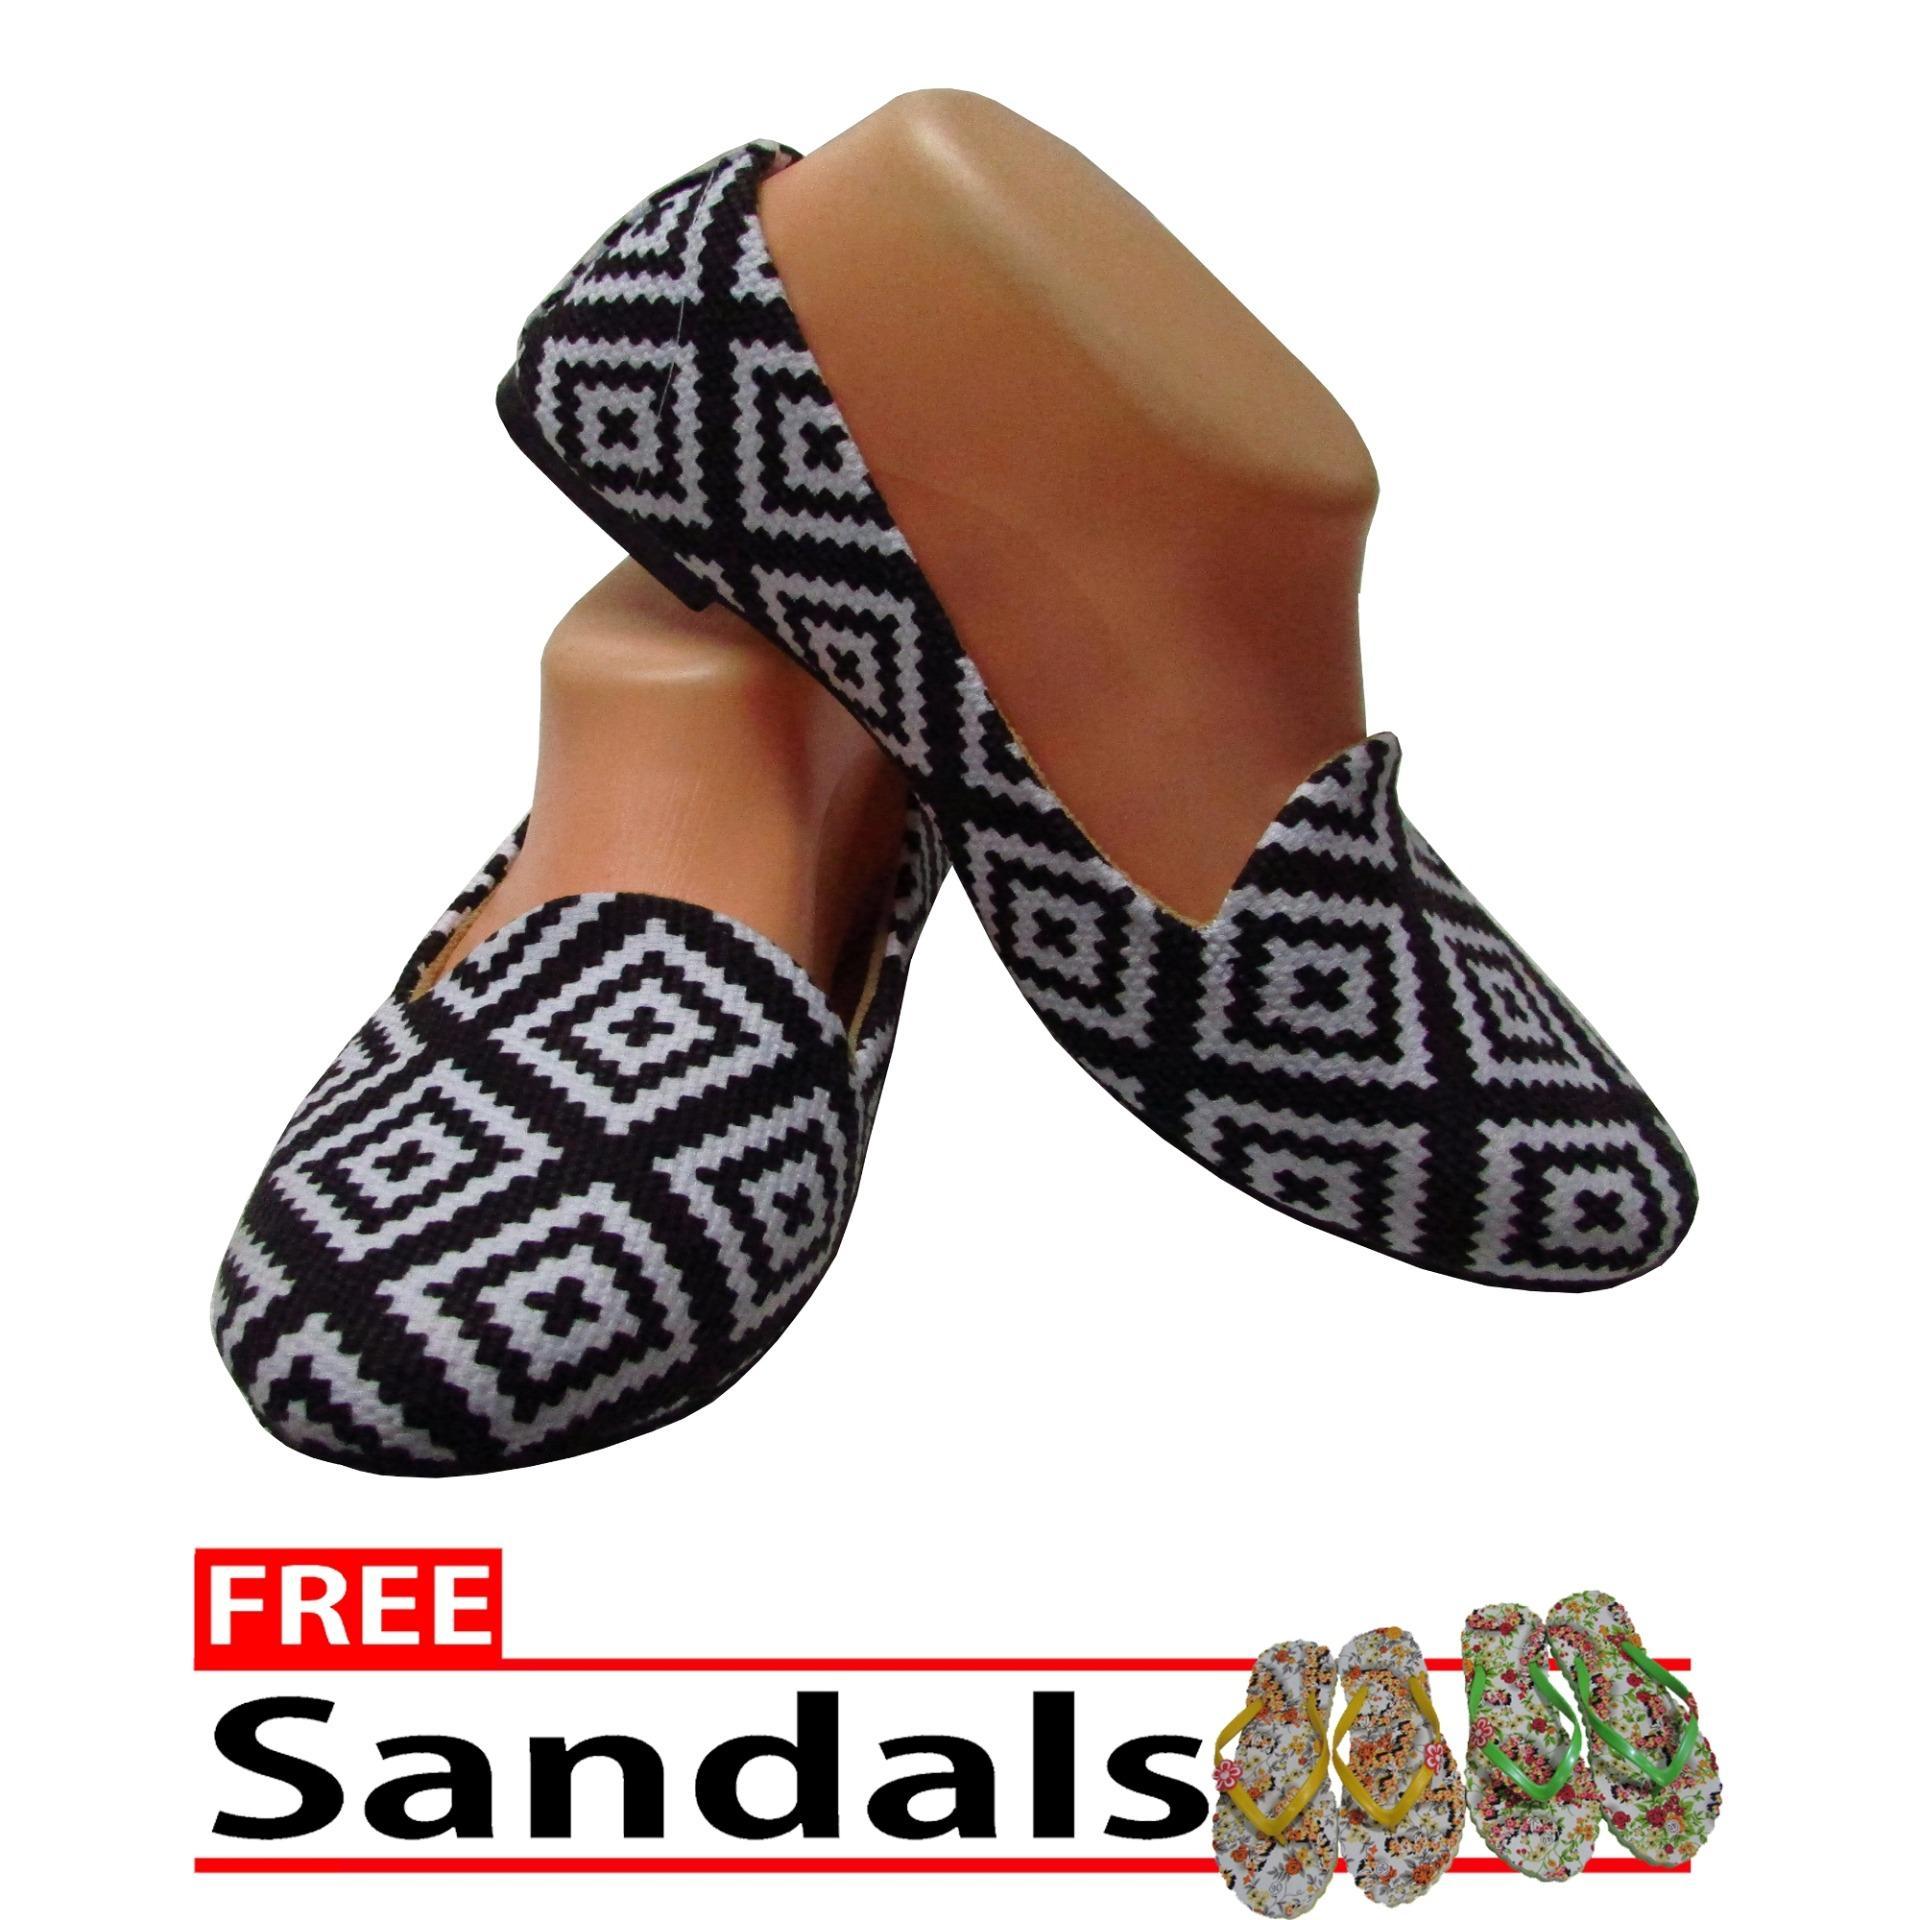 Woman Choice Flat Shoes Develop 14- Sepatu Balet -Multicolor Free Sandals .